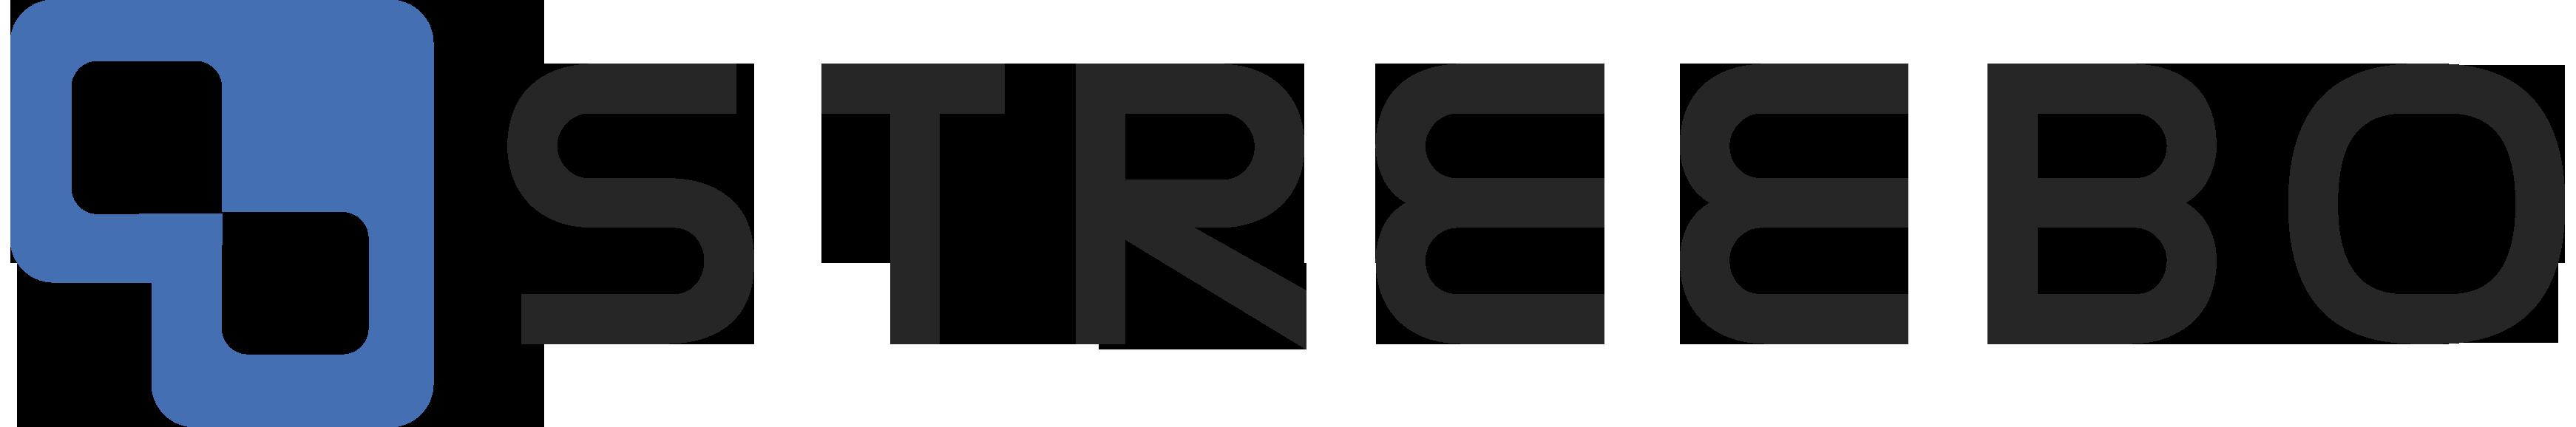 Streebo Logo